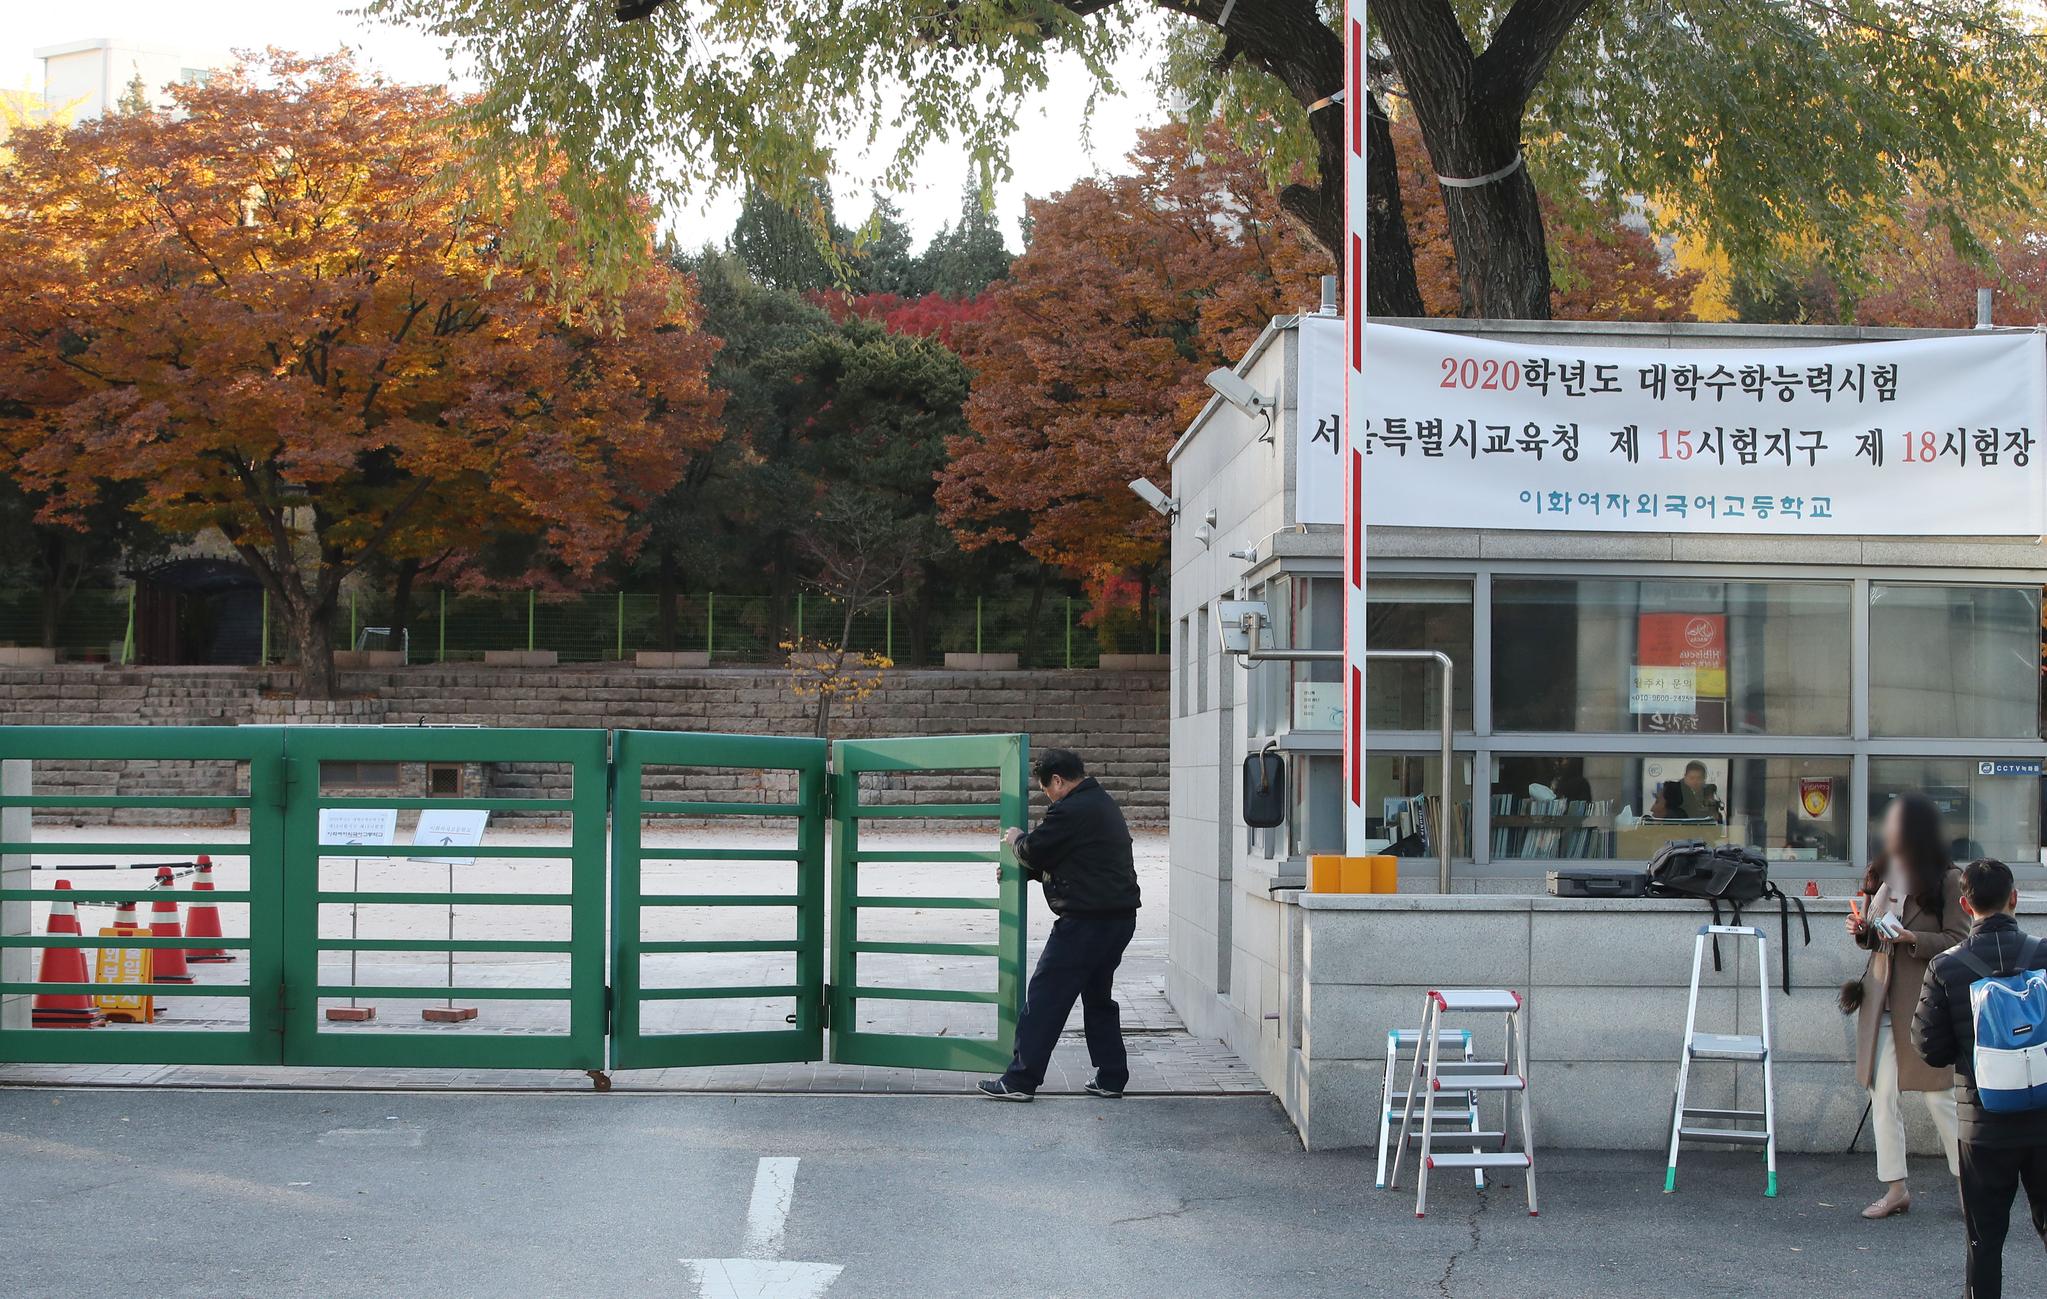 2020학년도 대학수학능력시험이 열리는 14일 오전 서울 이화여자외국어고등학교 시험장 교문이 닫히고 있다. [연합뉴스]